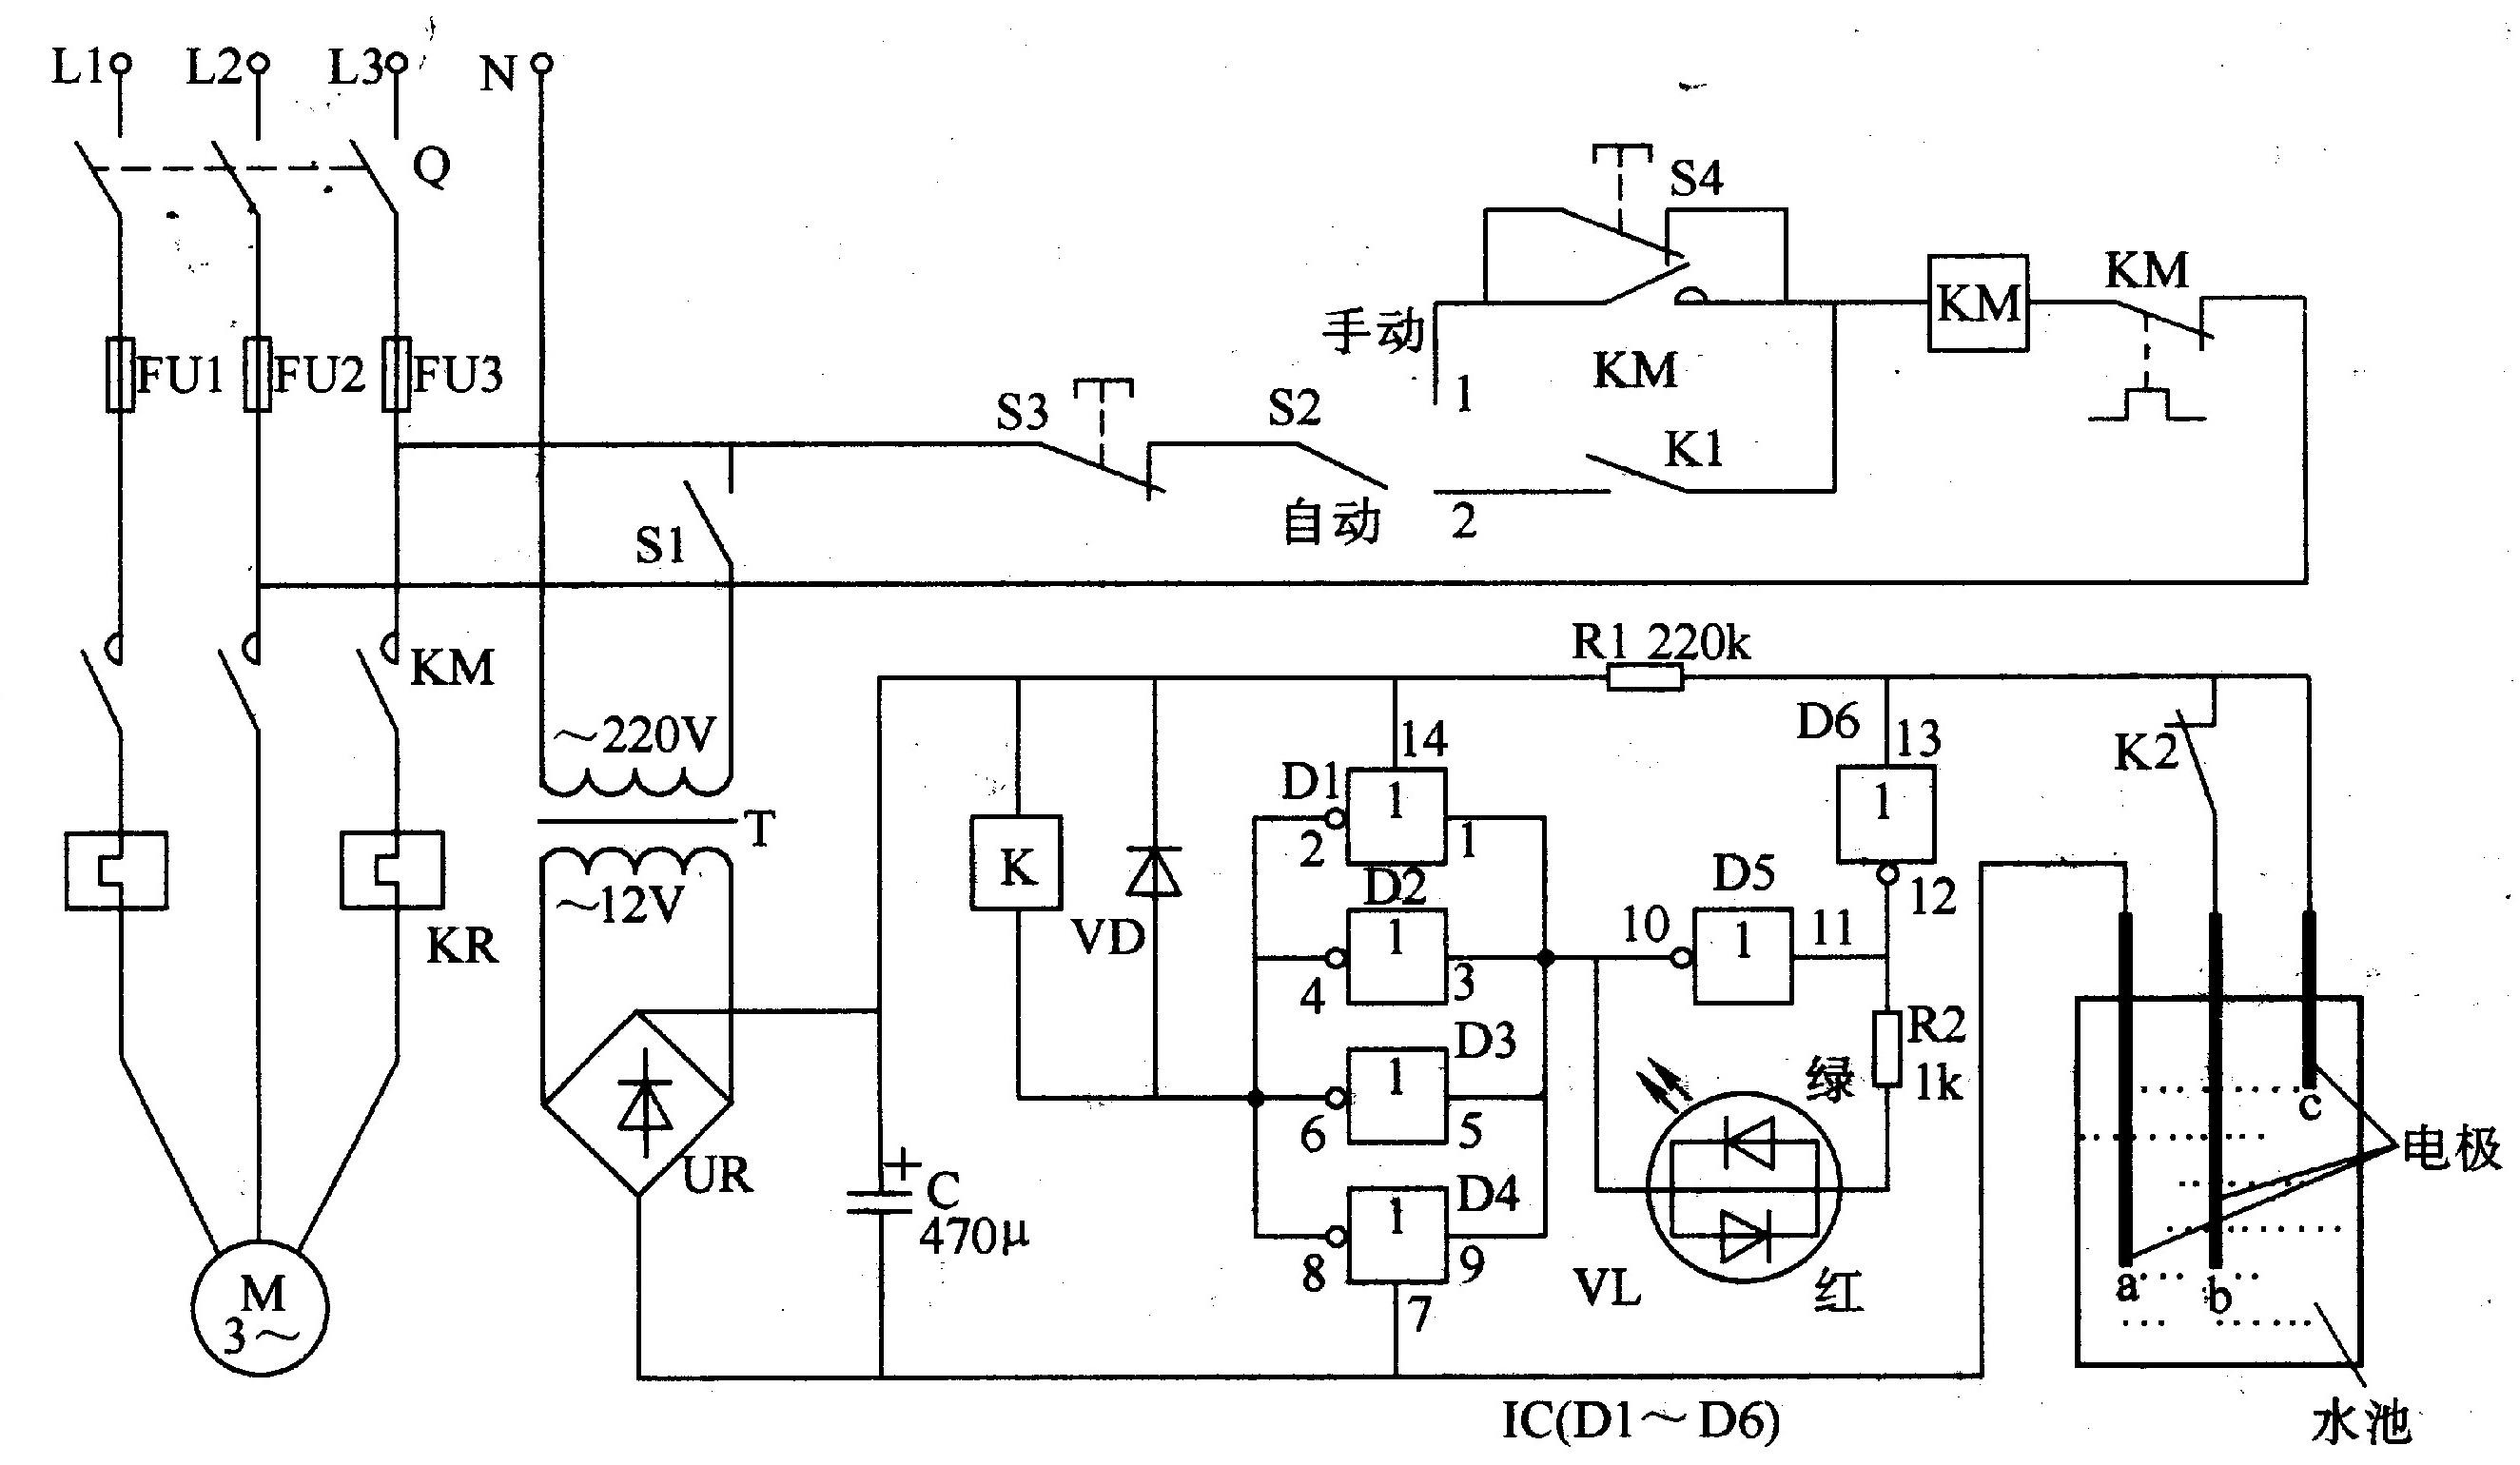 水位自动控制器 - lovelj2003 - lovelj2003的个人主页